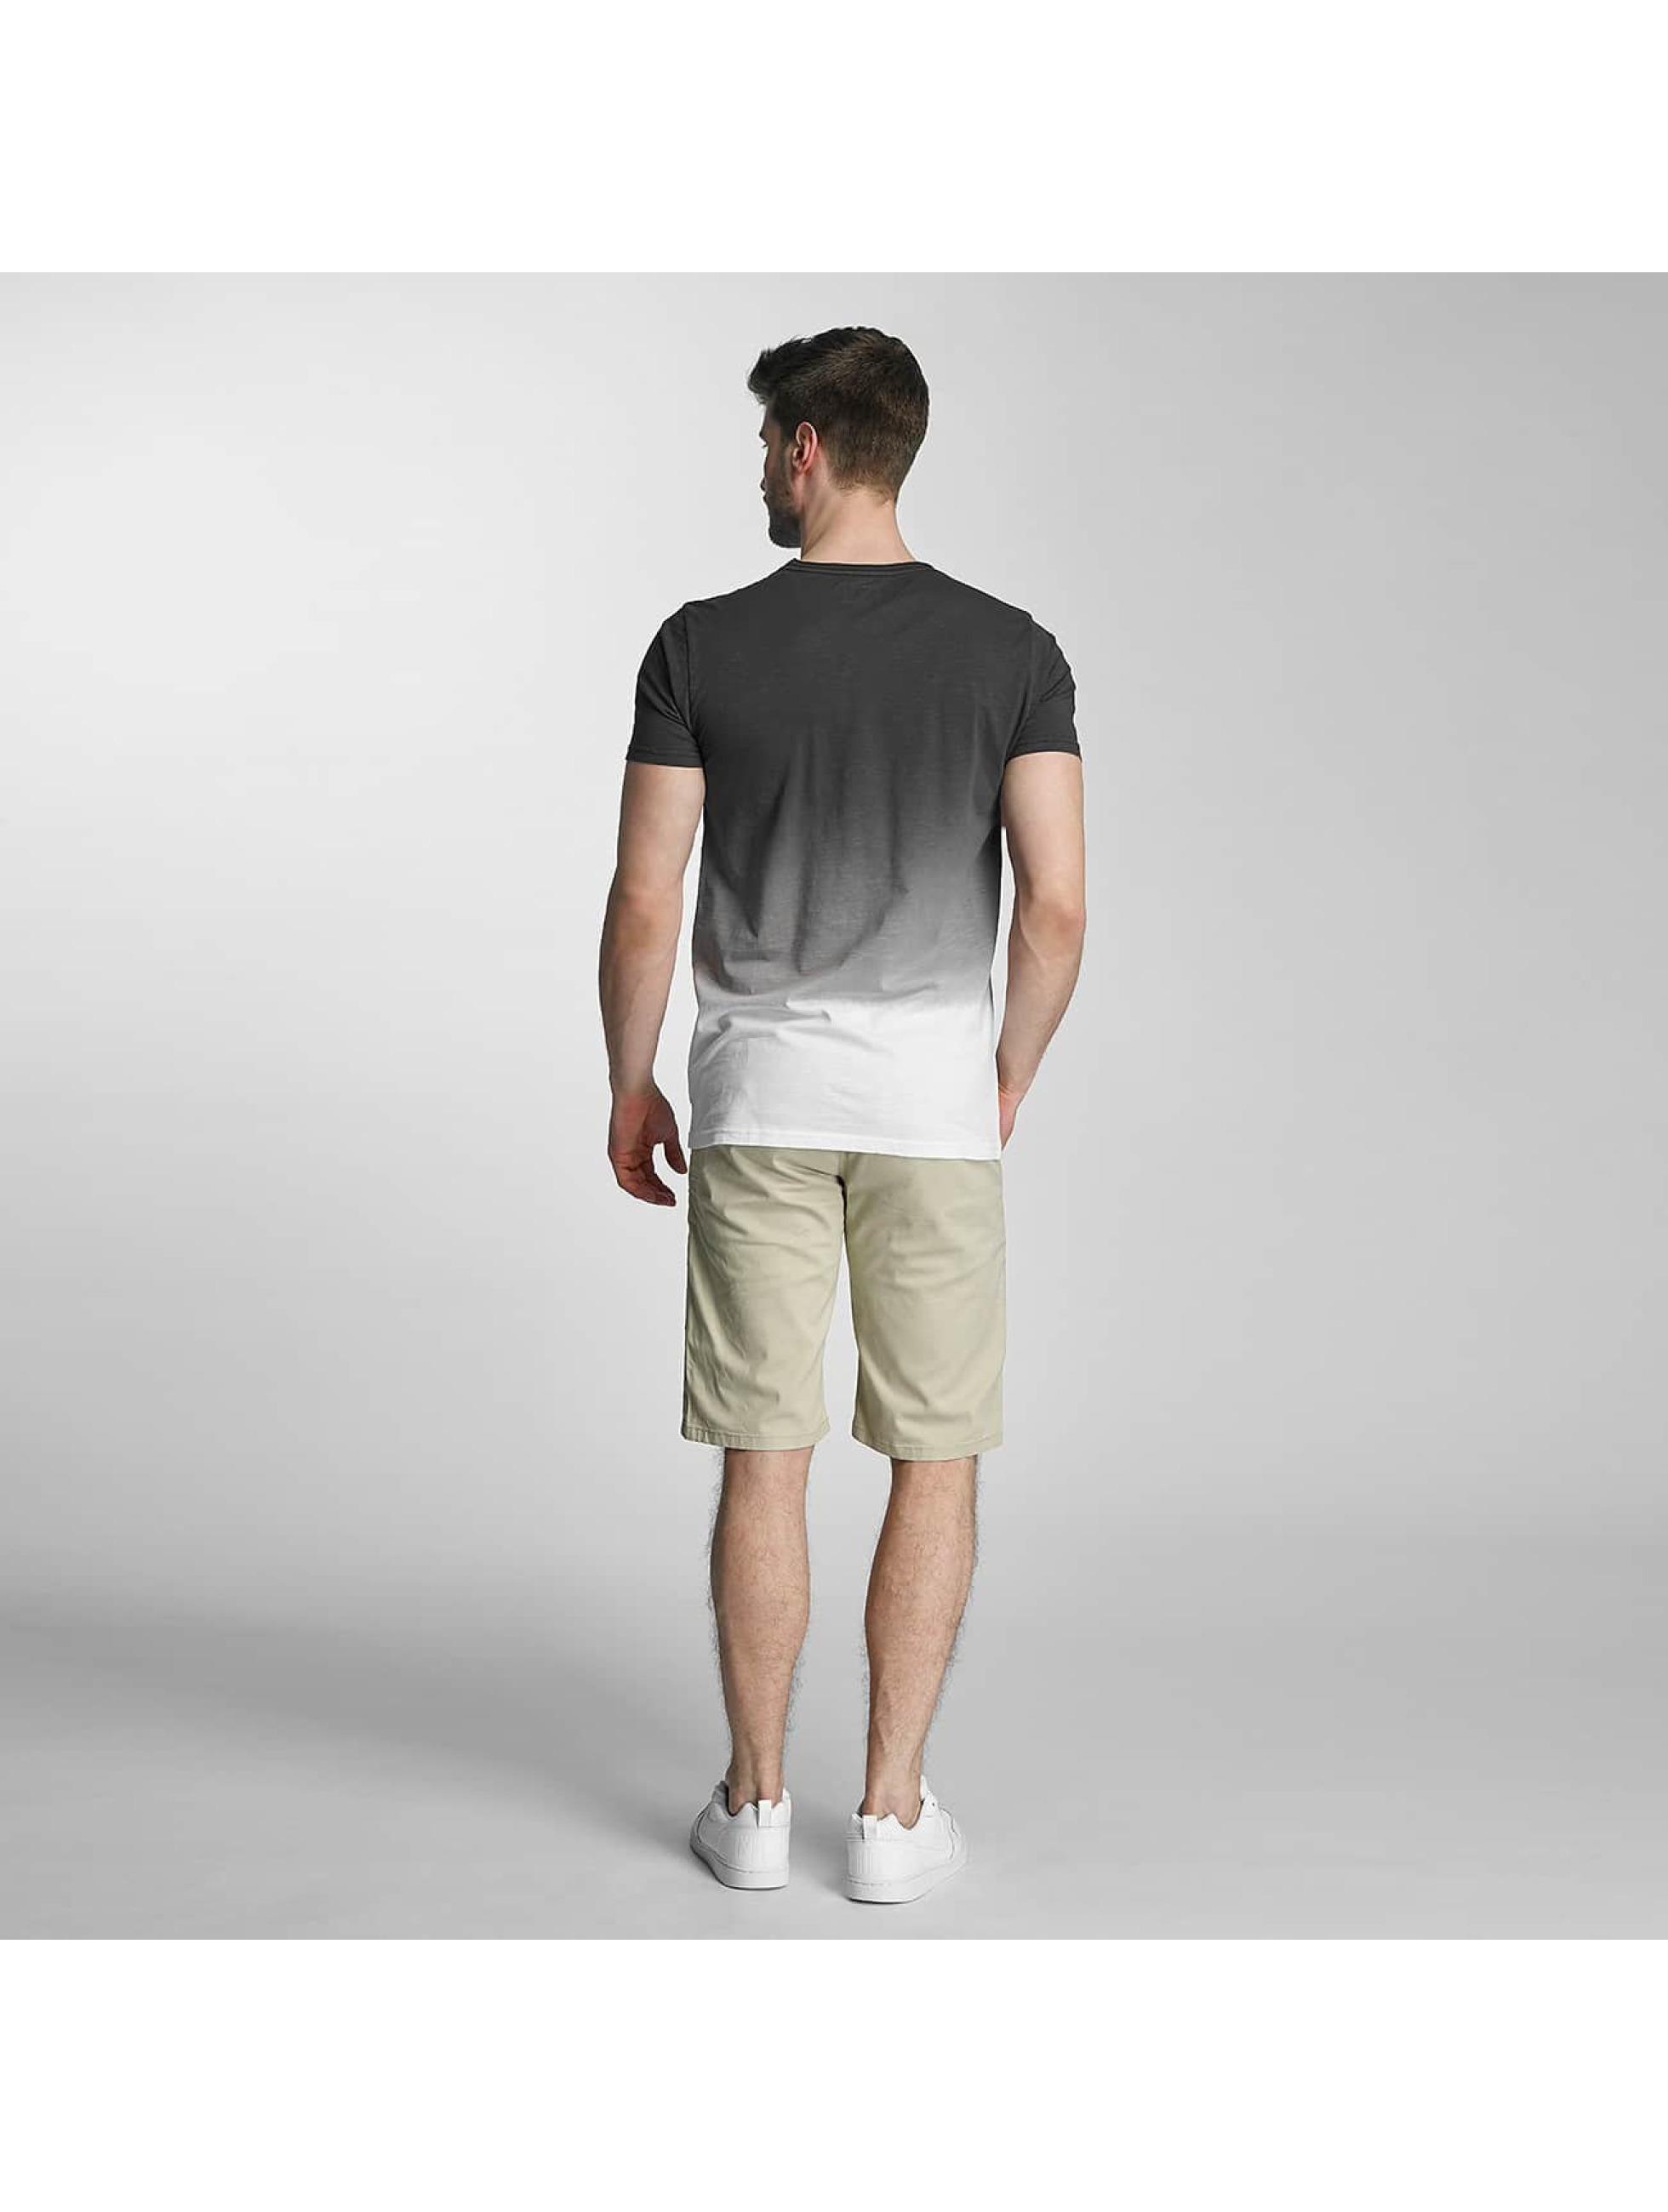 SHINE Original T-Shirt Dip Dyed grey